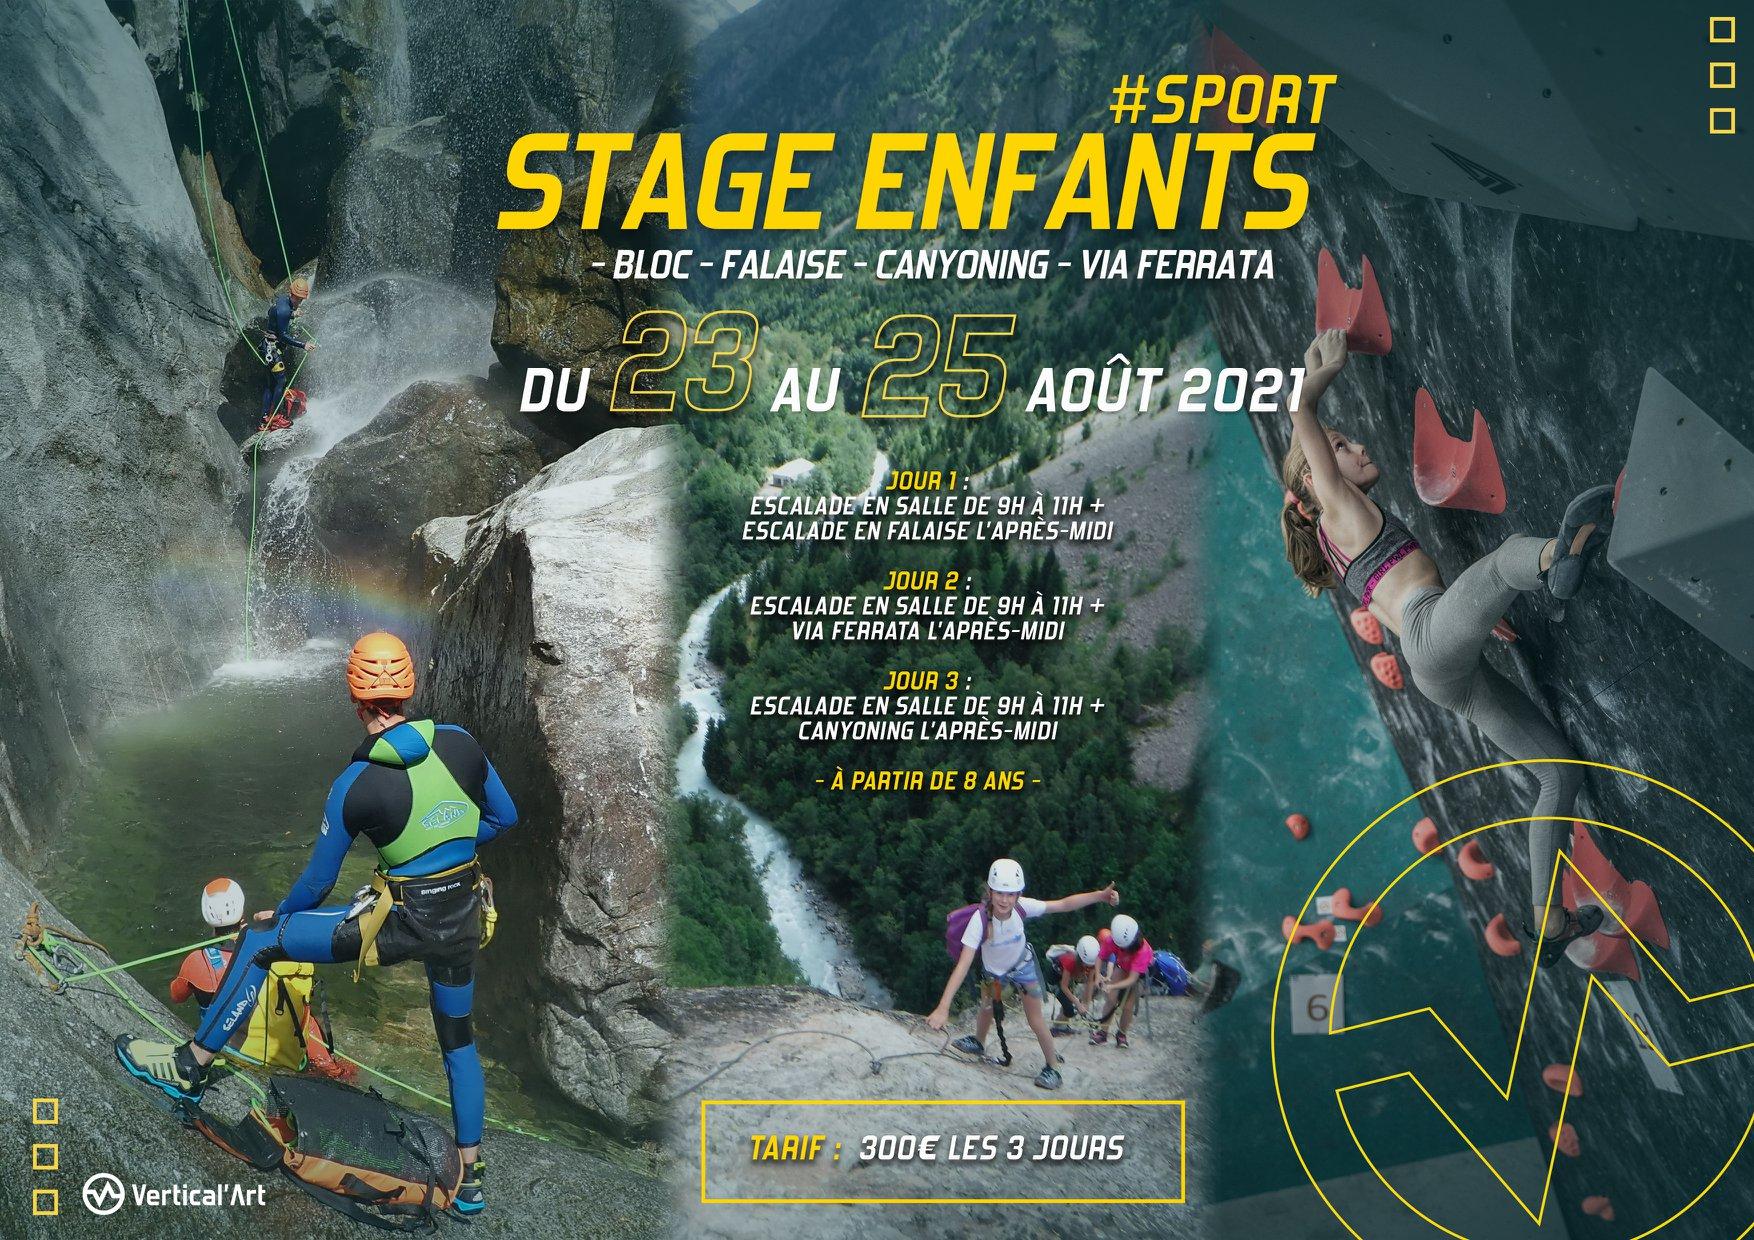 Stage enfants, bloc, falaise, canyoning, via ferrata à Vertical'Art Lyon, du 23 au 25 août 2021